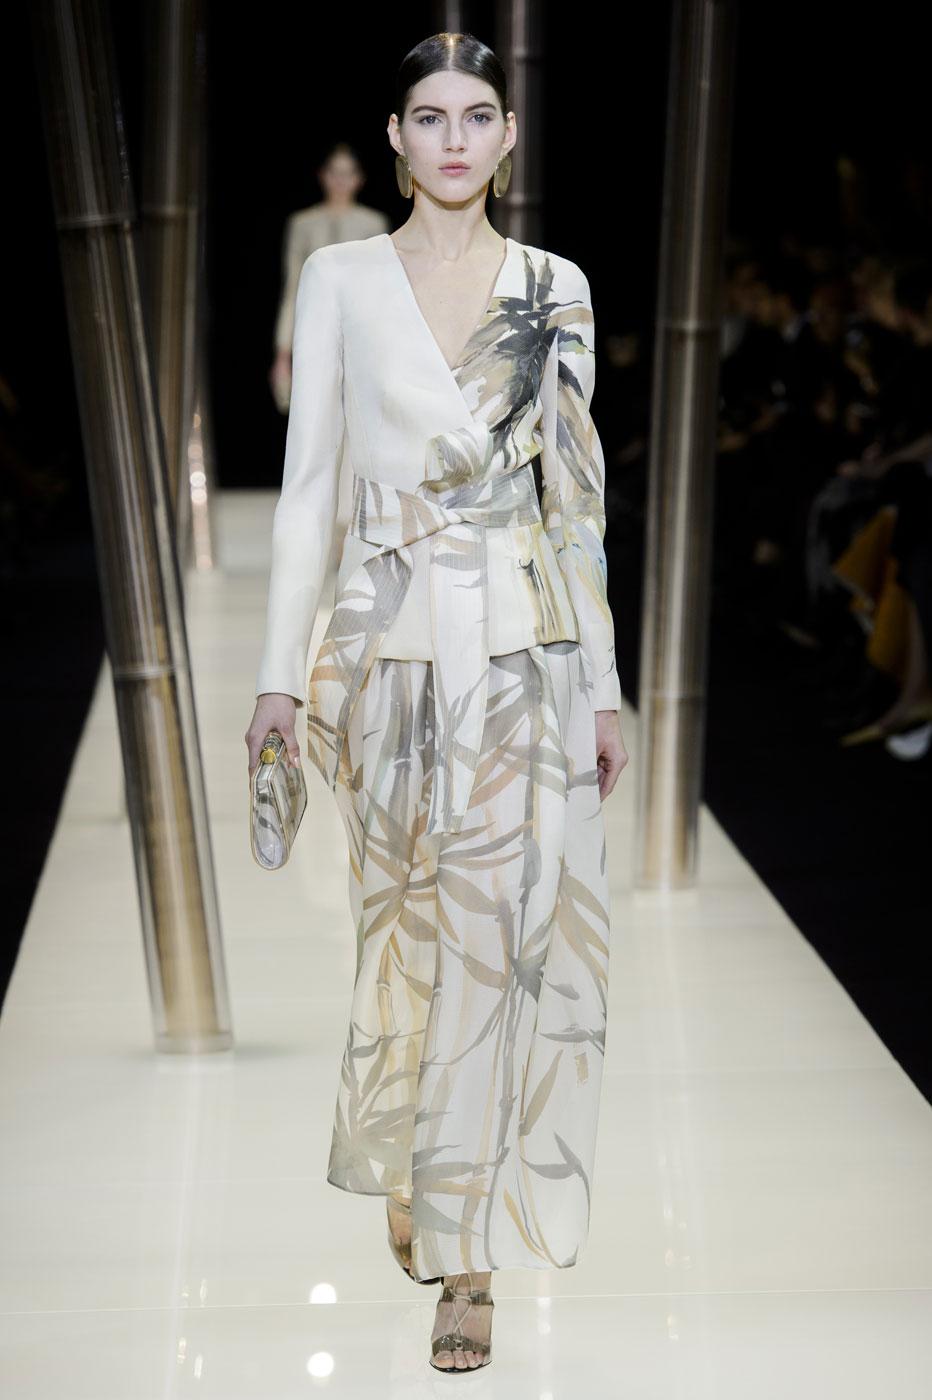 Giorgio-armani-Prive-fashion-runway-show-haute-couture-paris-spring-2015-the-impression-009